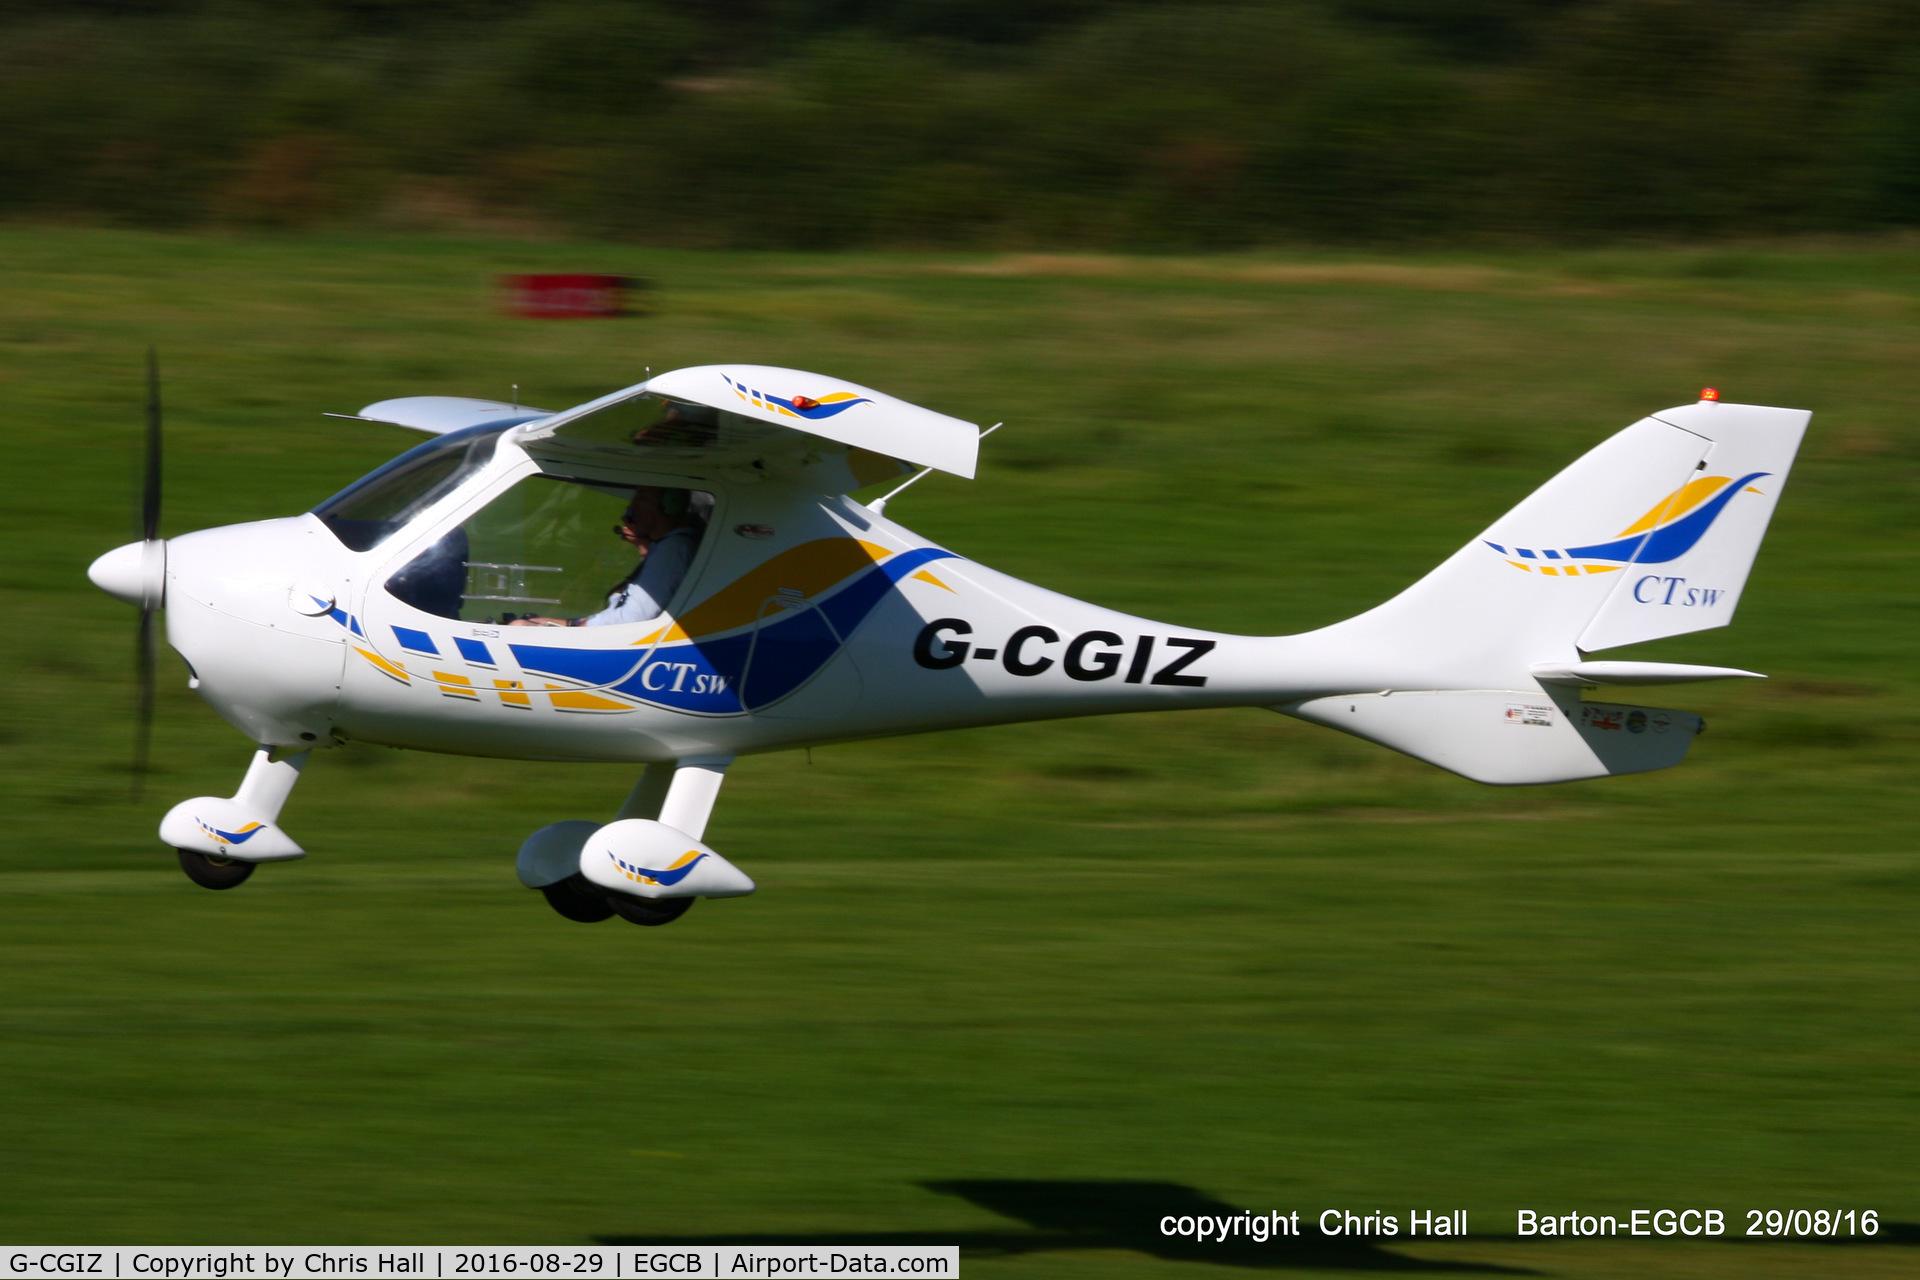 G-CGIZ, 2010 Flight Design CTSW C/N 8512, at Barton